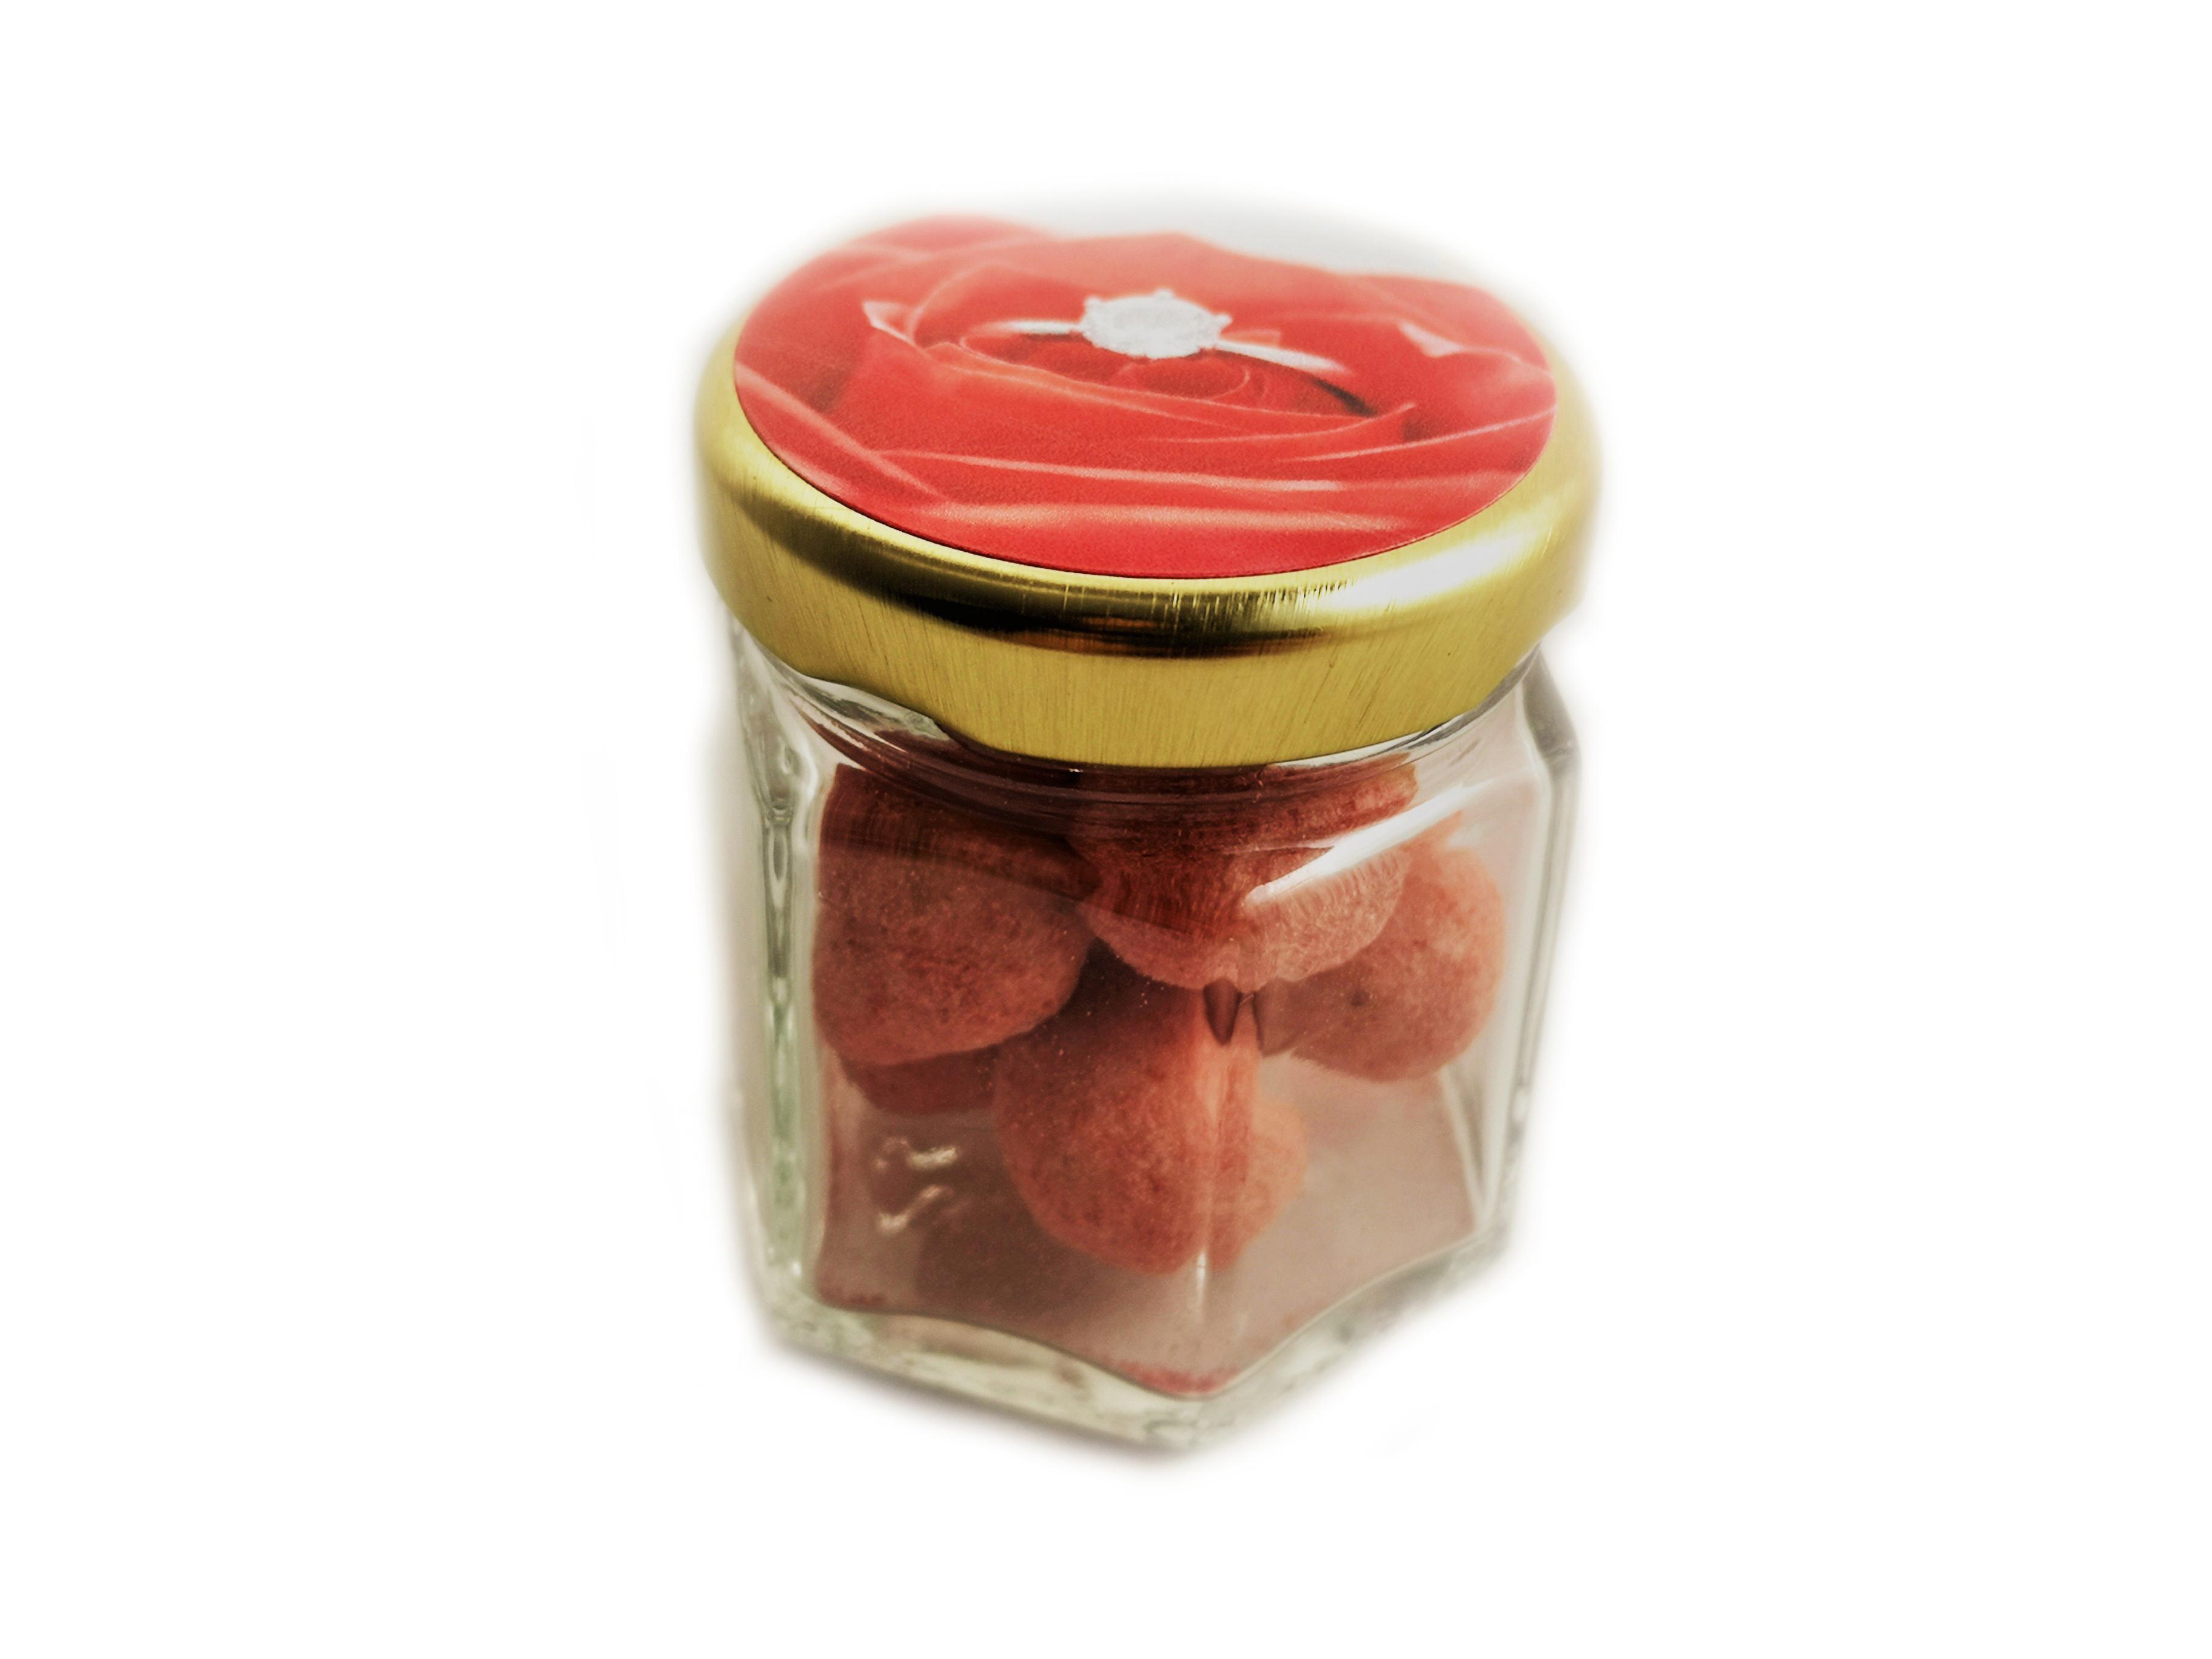 Perlas formato mini 25 g.